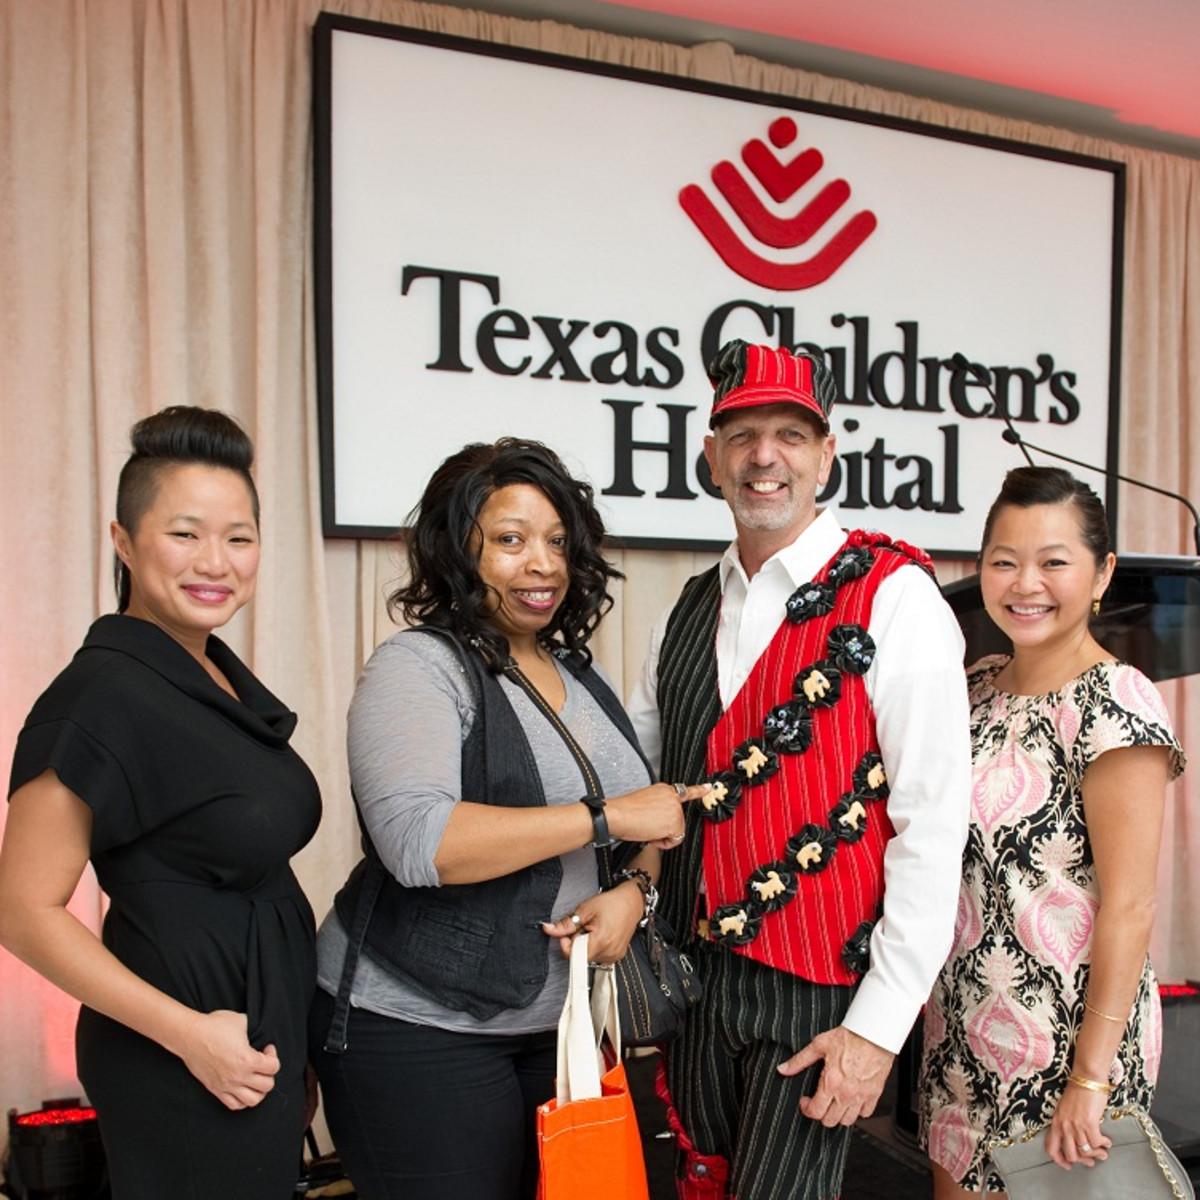 Bad Pants Fashion Show, Syndey Dao, Carolyn Gotcher, Clifford Pugh, Chloe Dao, Texas Children's Hospital, 2012